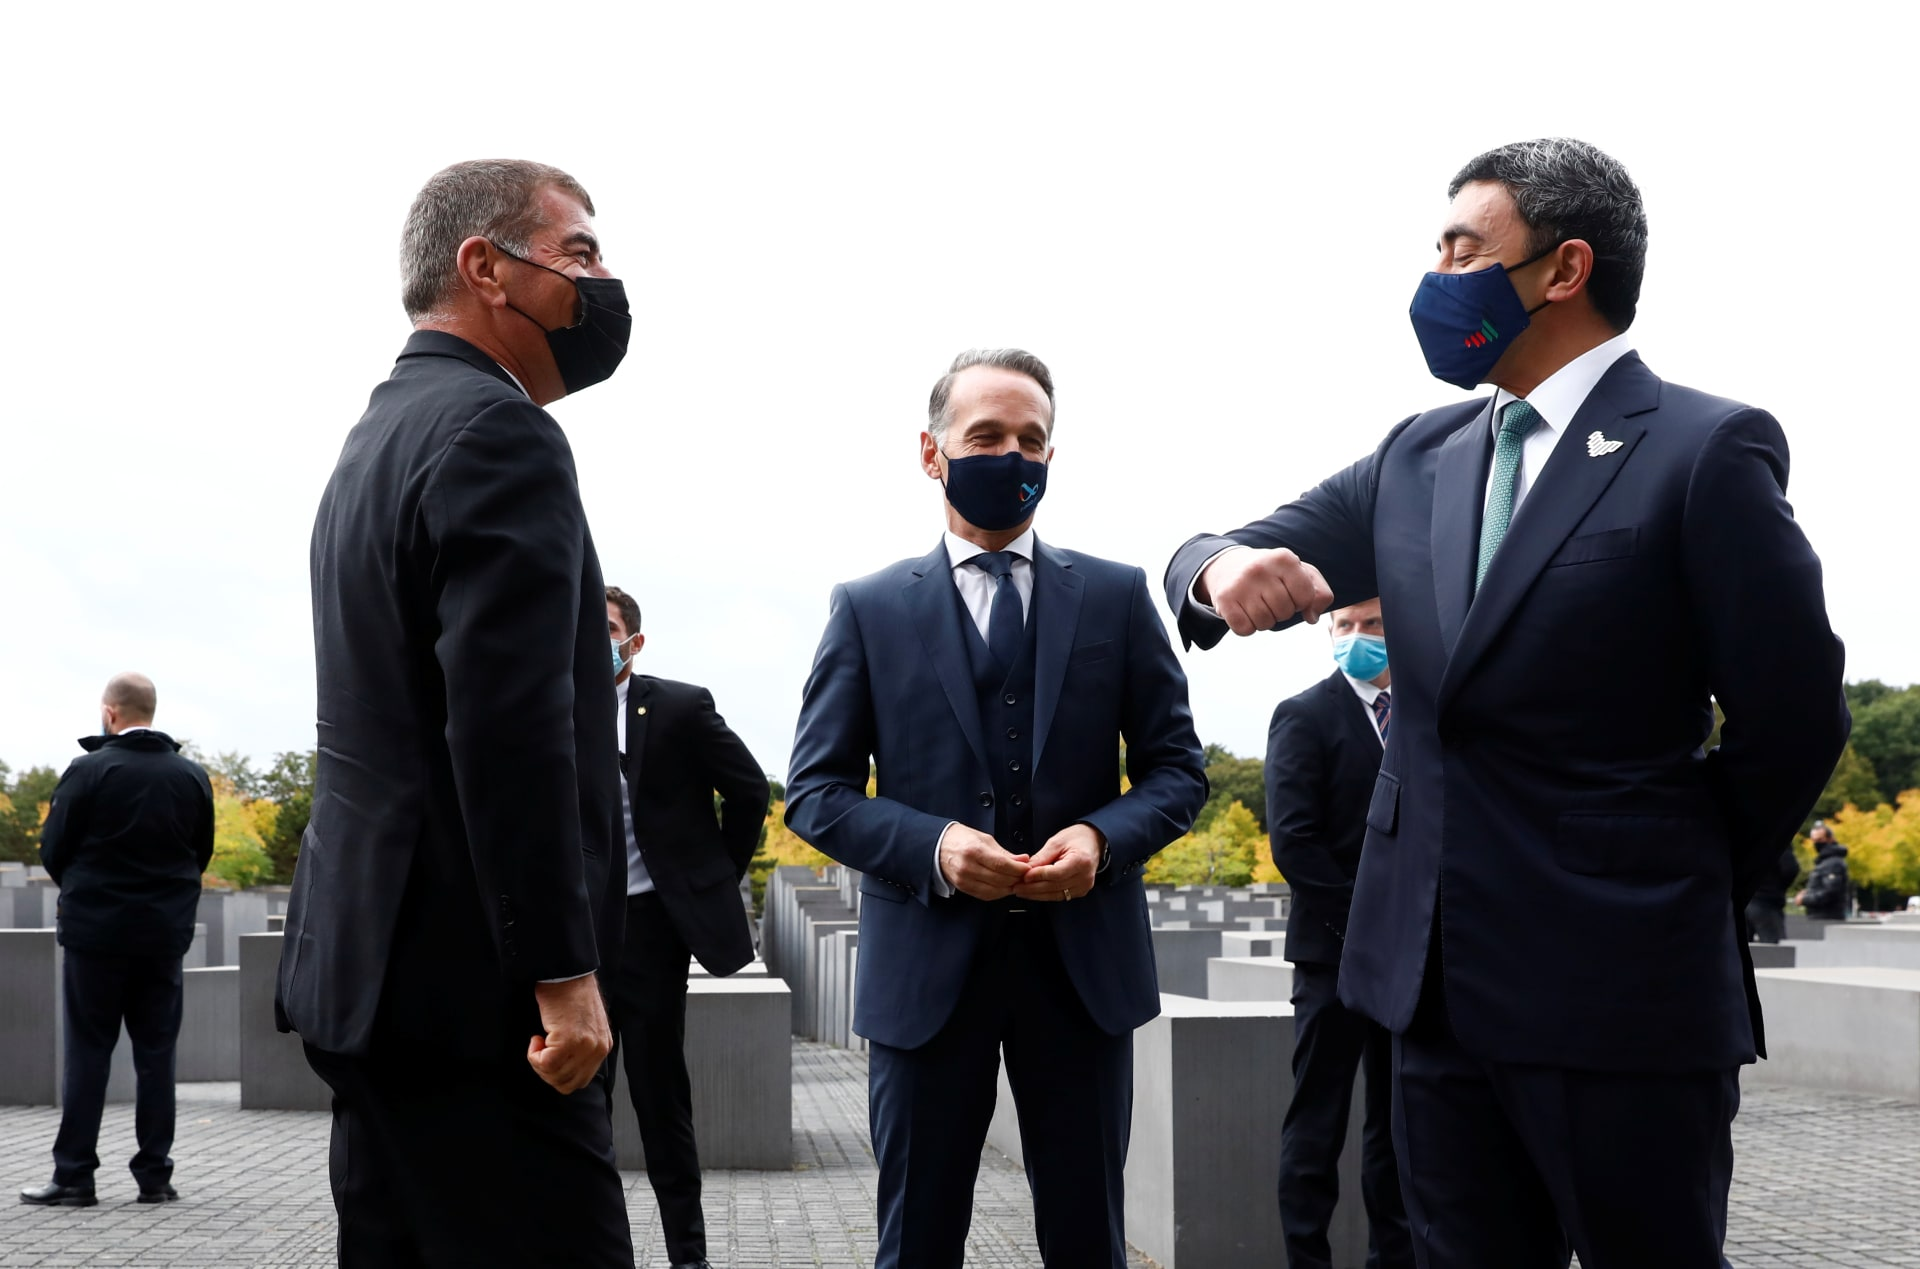 الخارجية الإسرائيلية تنشر صورا من زيارة عبدالله بن زايد وأشكينازي لنصب الهولوكوست التذكاري